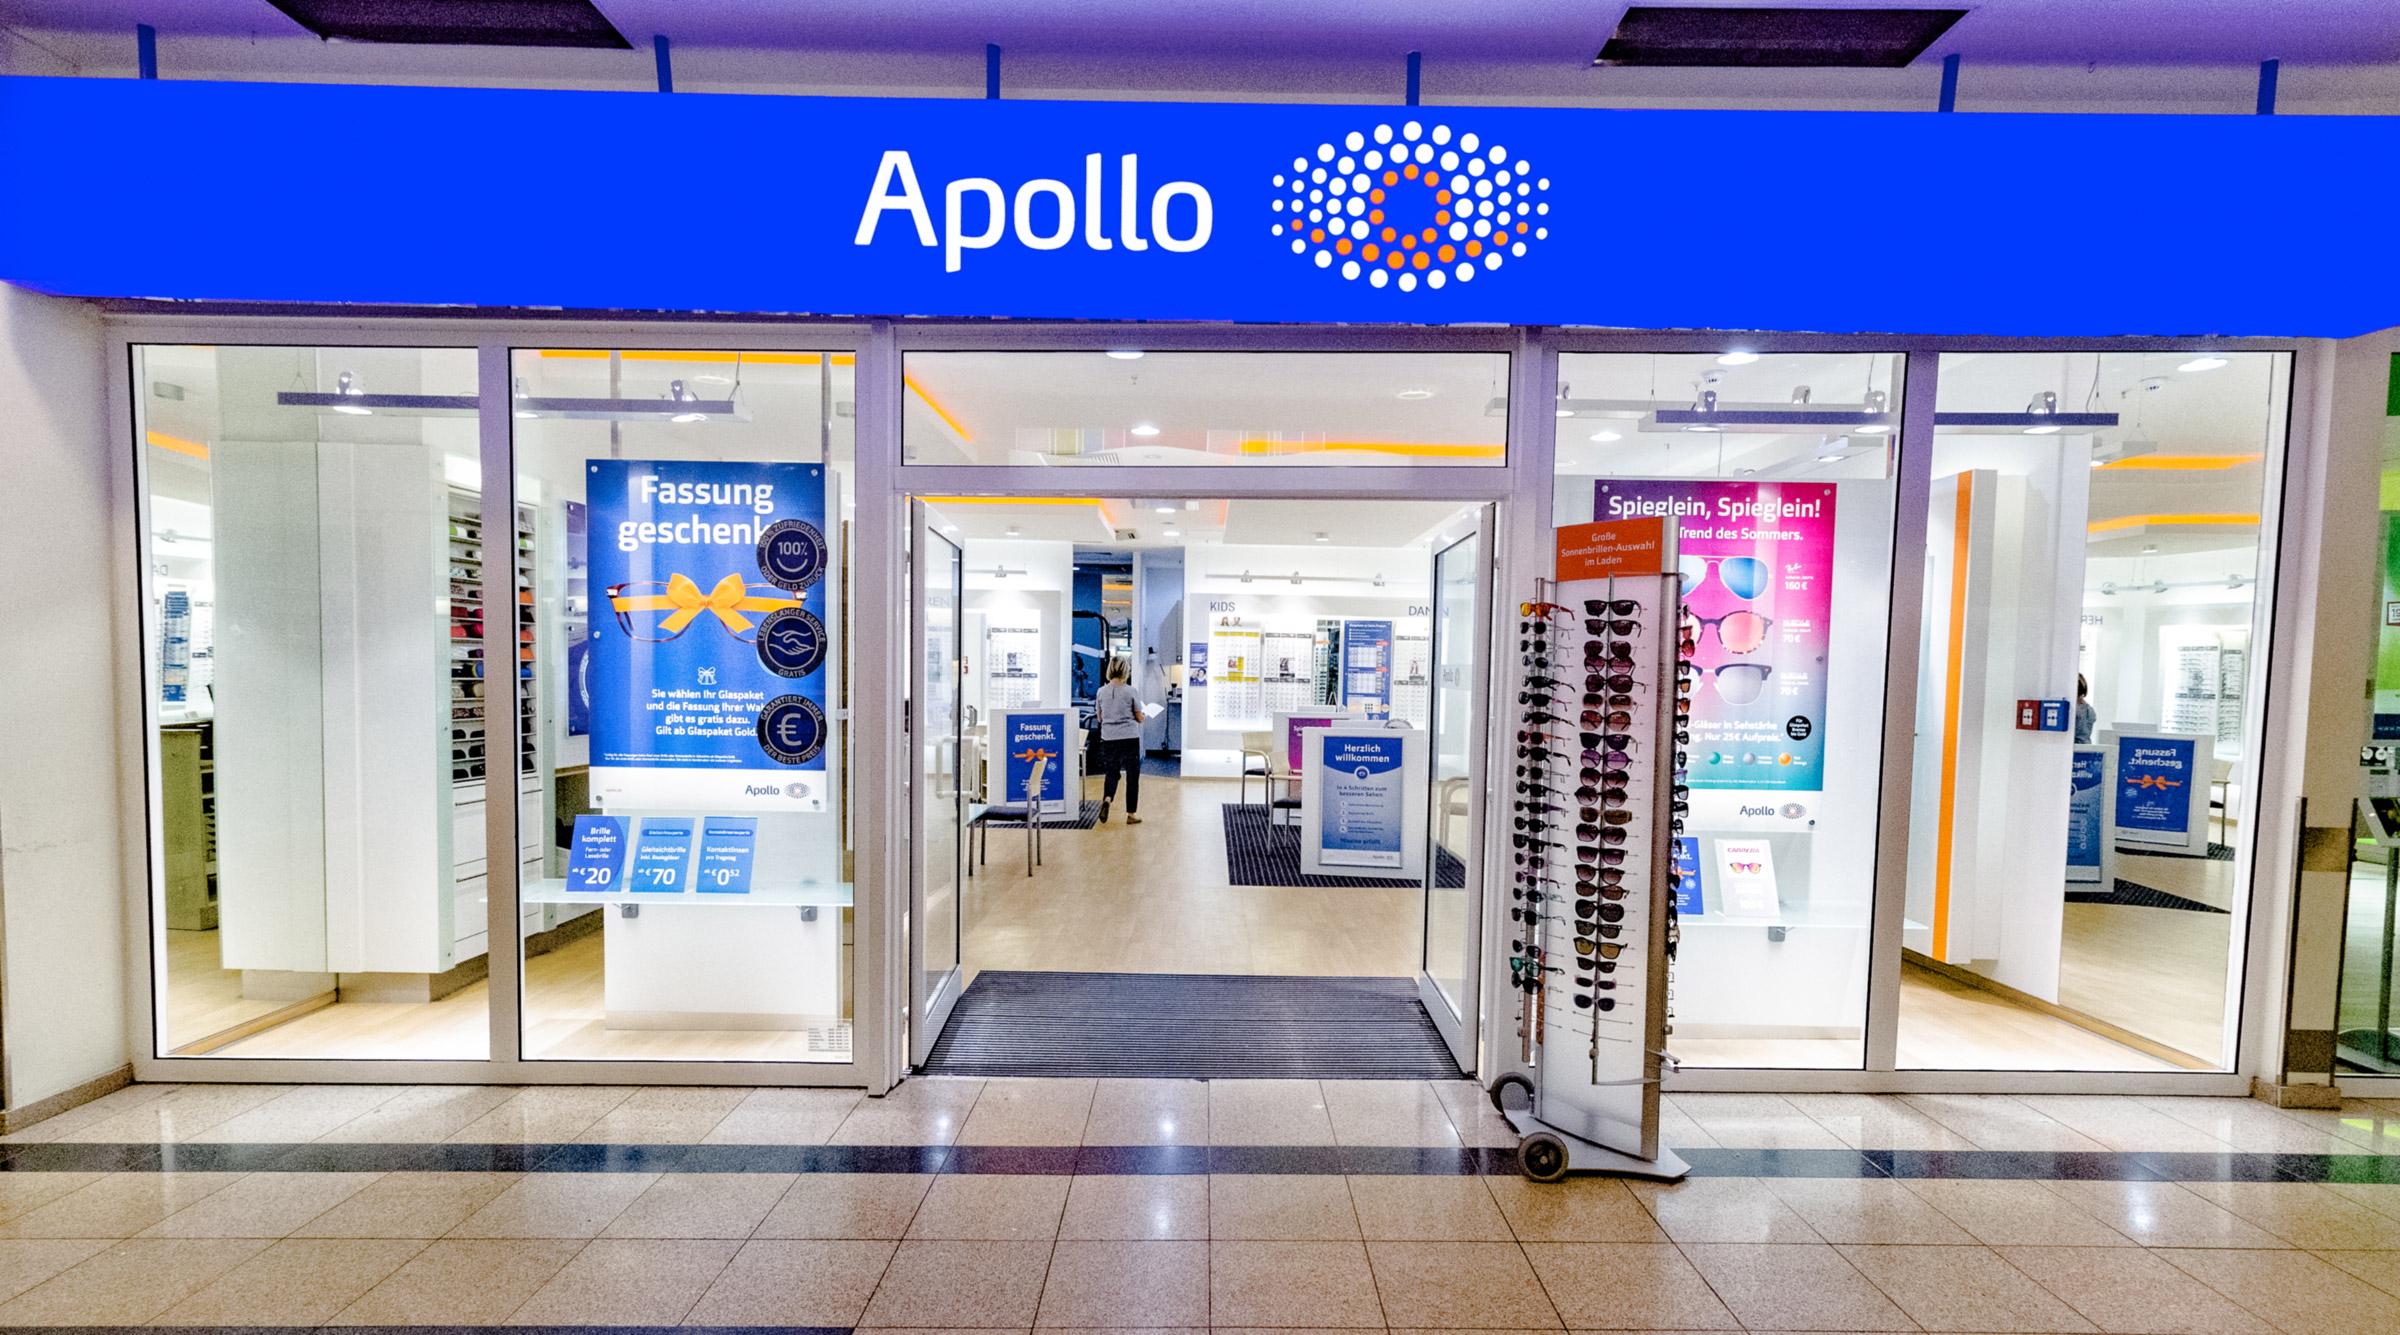 Apollo2019_9732